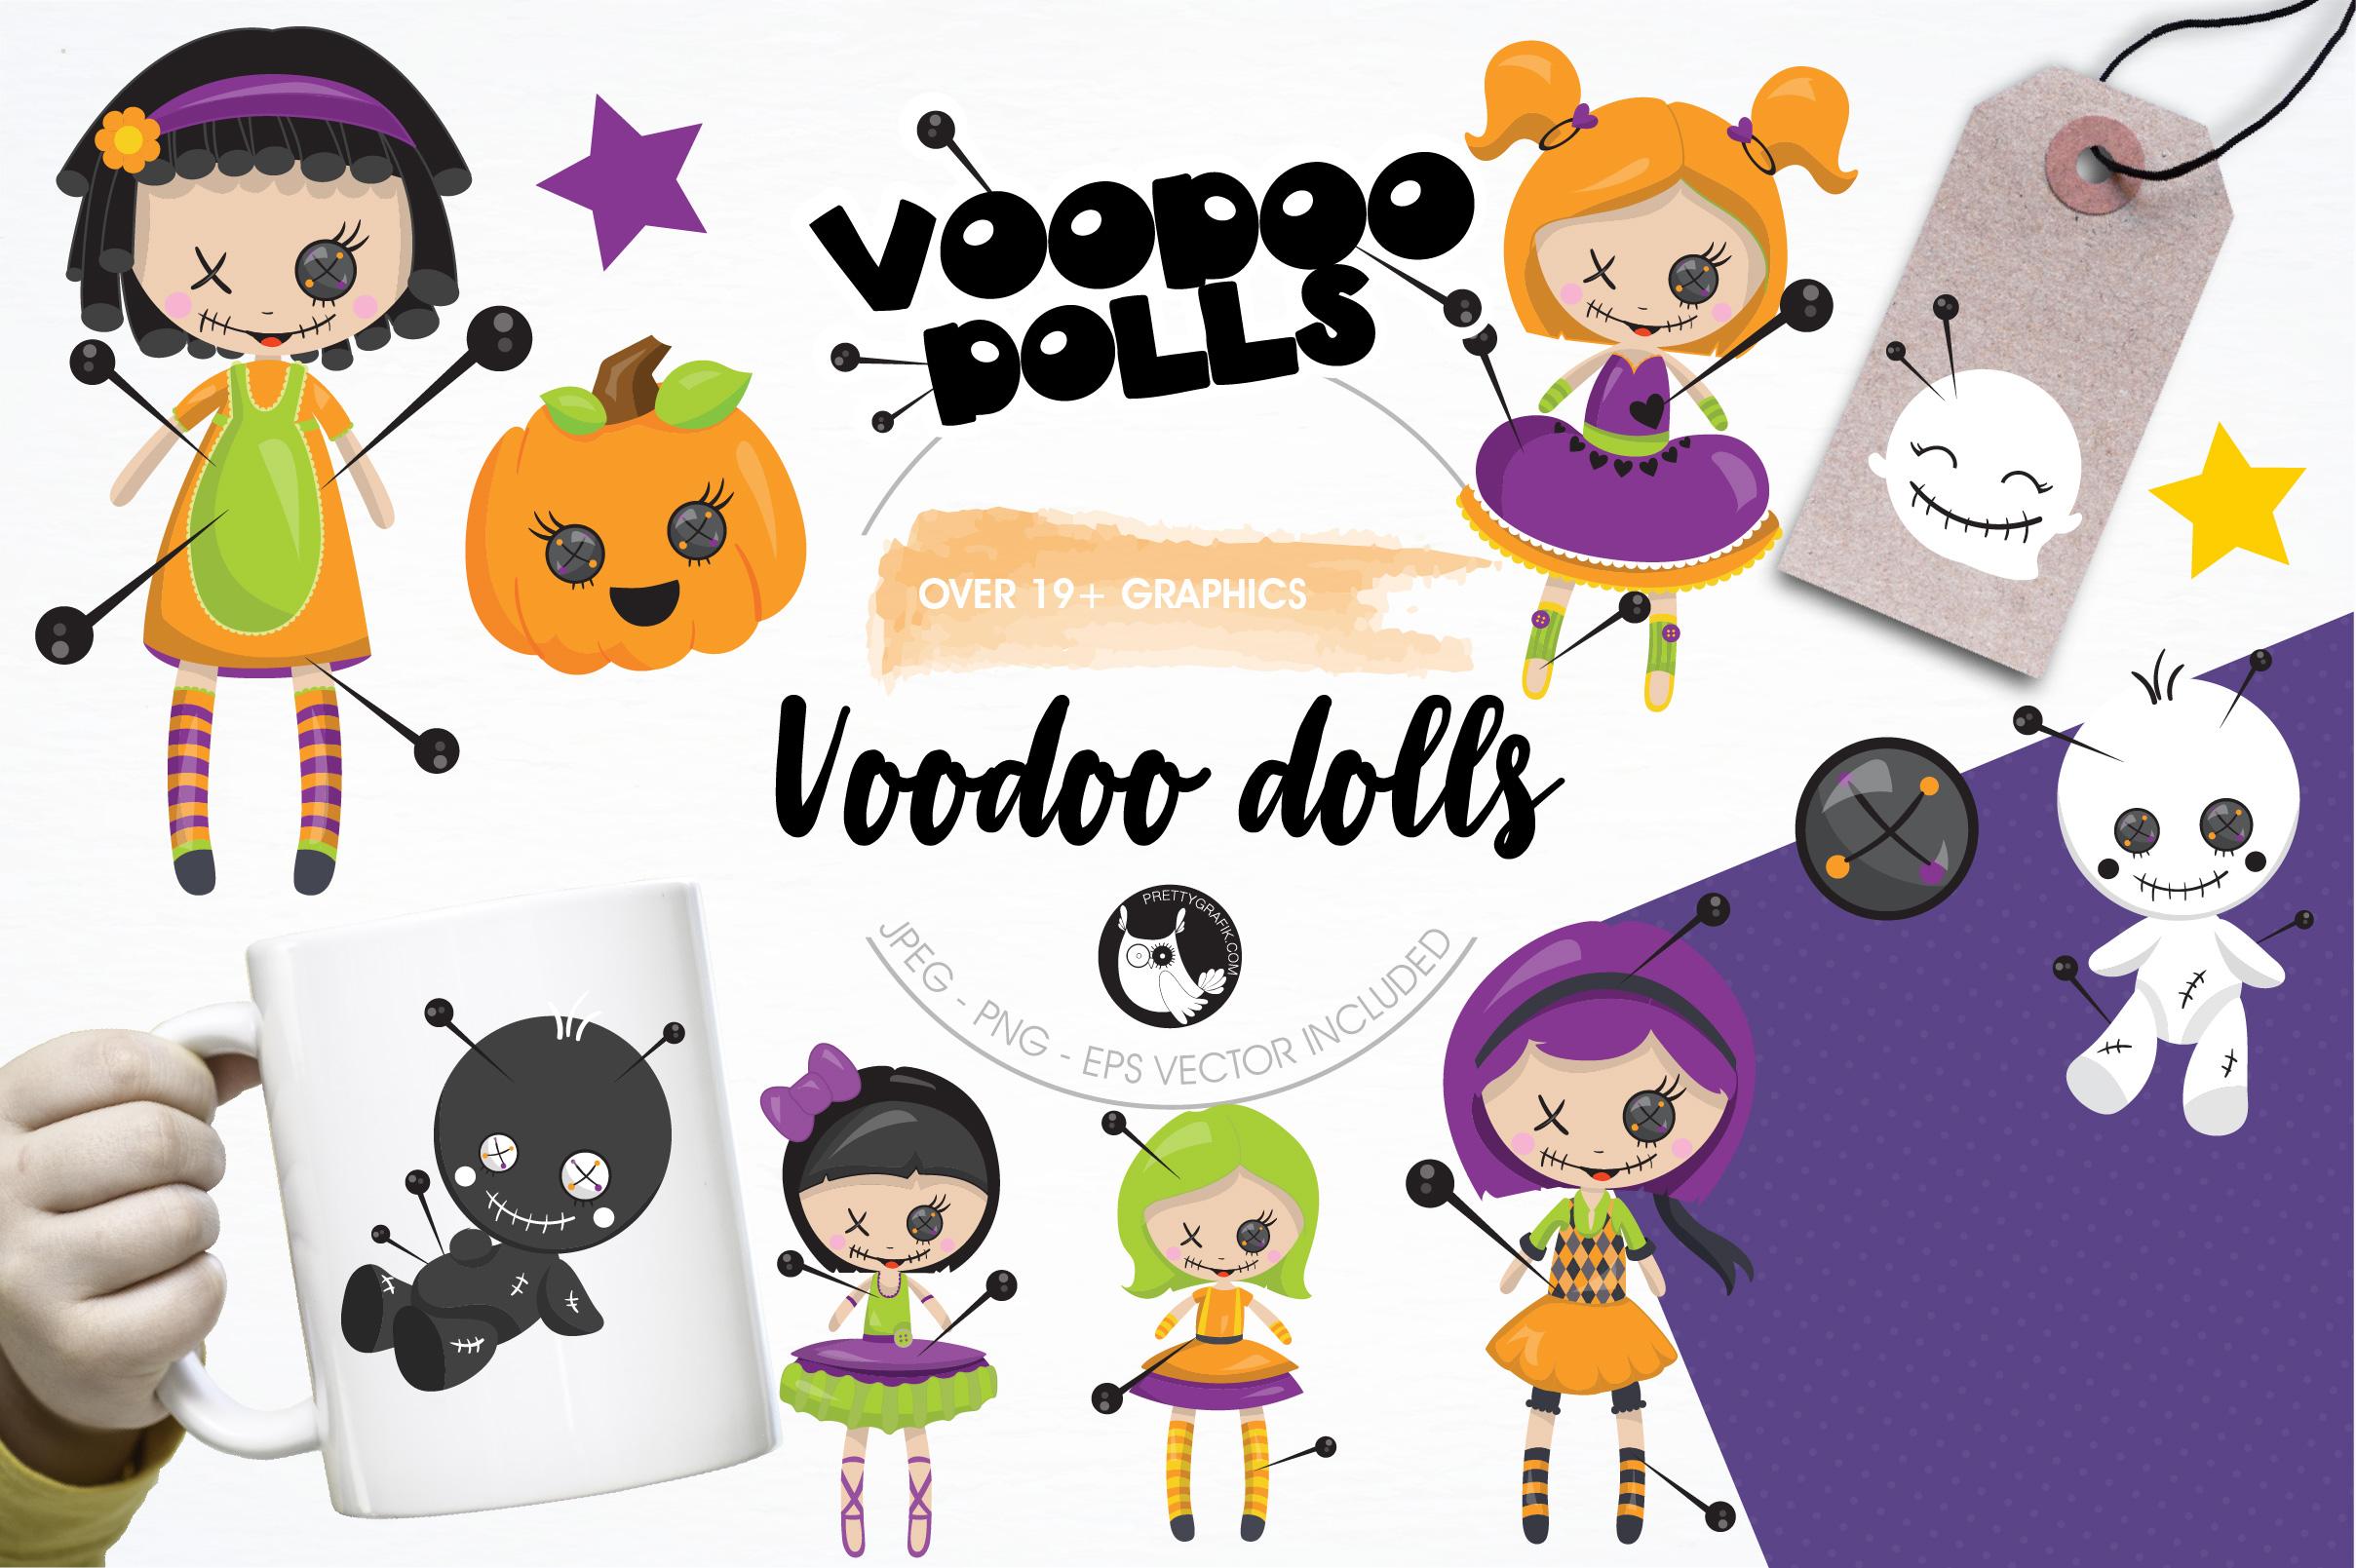 750 in 1 - Halloween Bundle - 95OFF - $10 instead of $150 ! example image 5